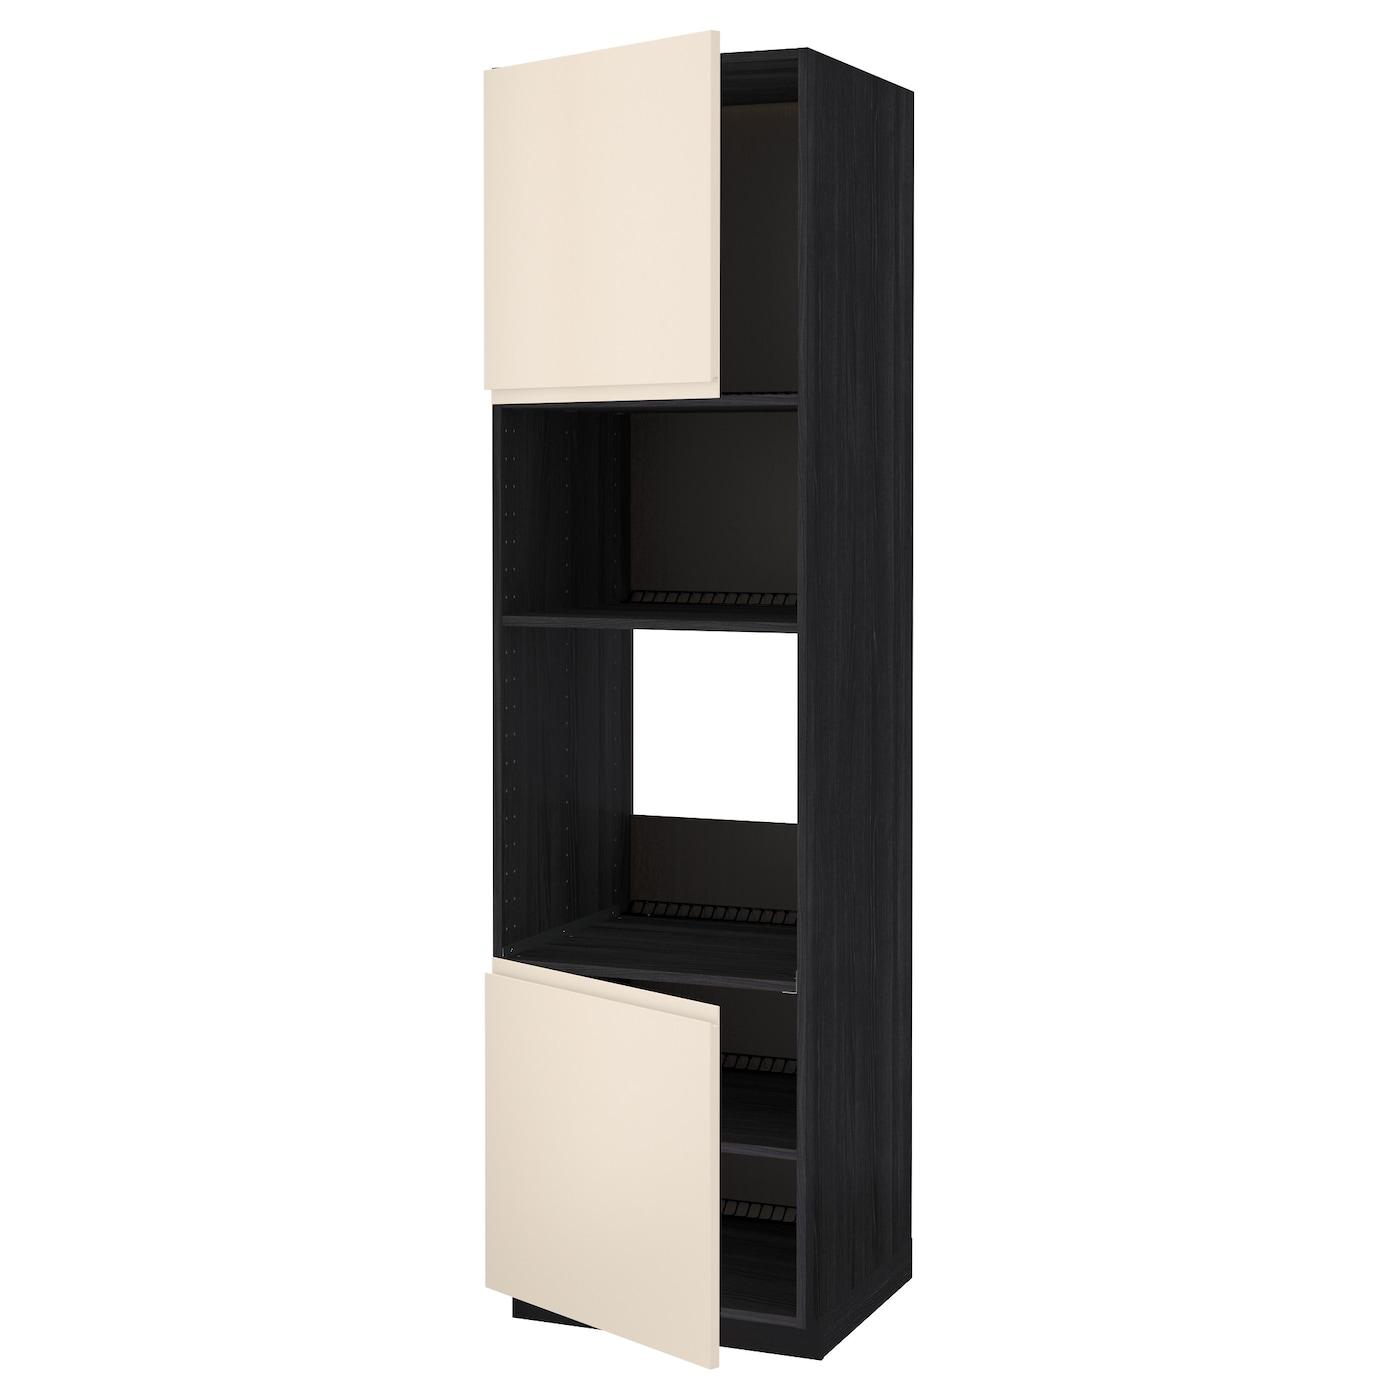 METOD, HS für Ofen/Mikro m 2 Türen/Böden, schwarz 091.150.49